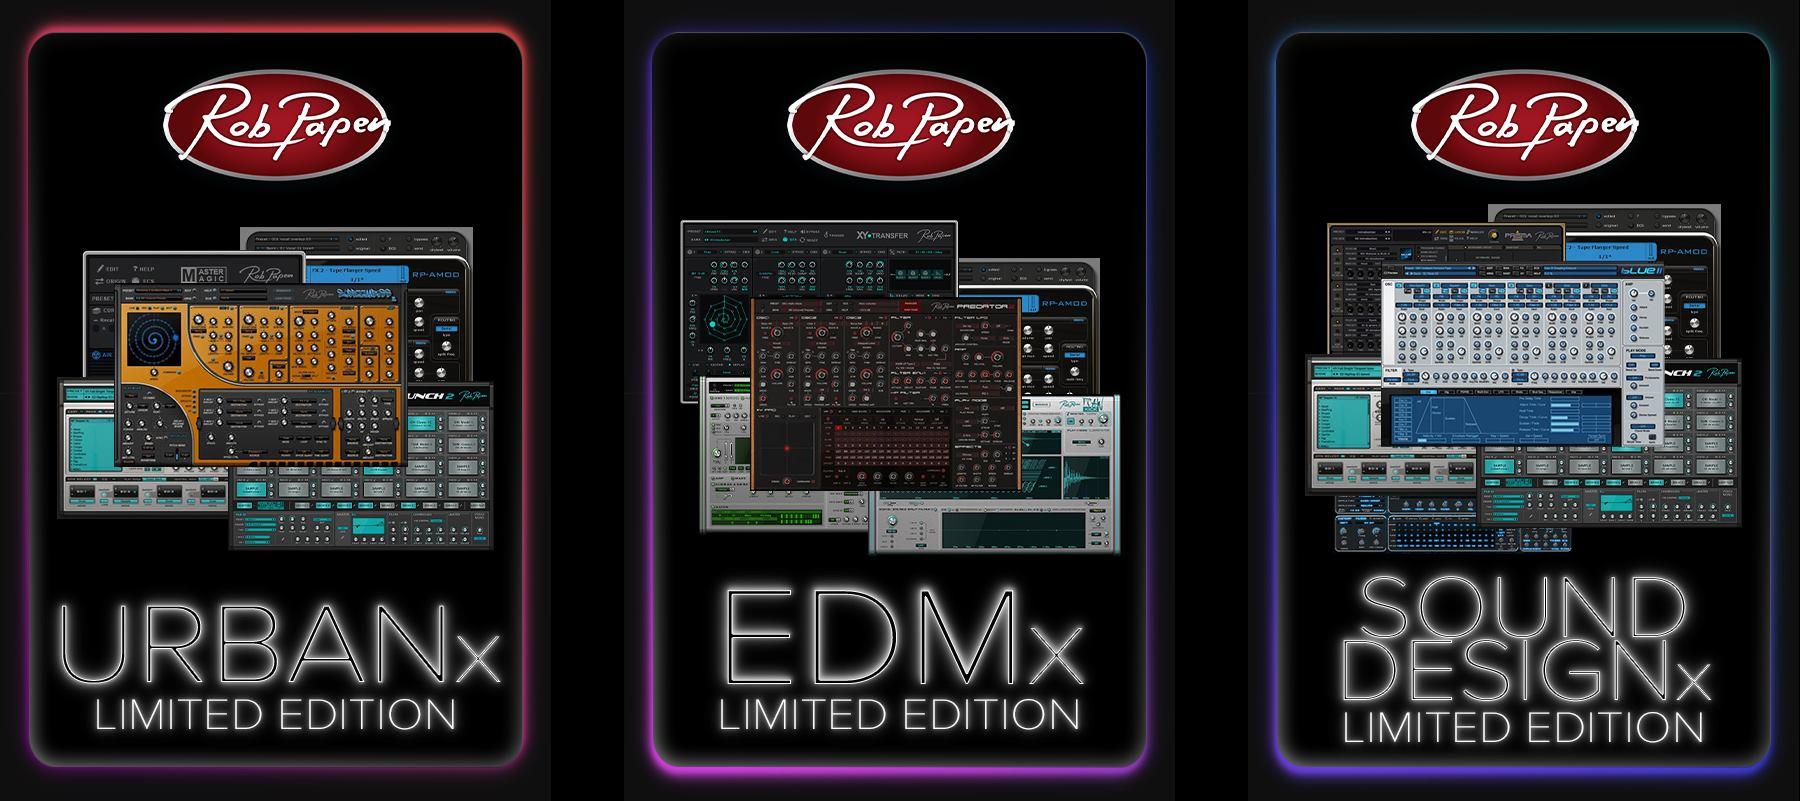 Rob Papen launches Limited Edition Urban, EDM & Sound Design Bundles